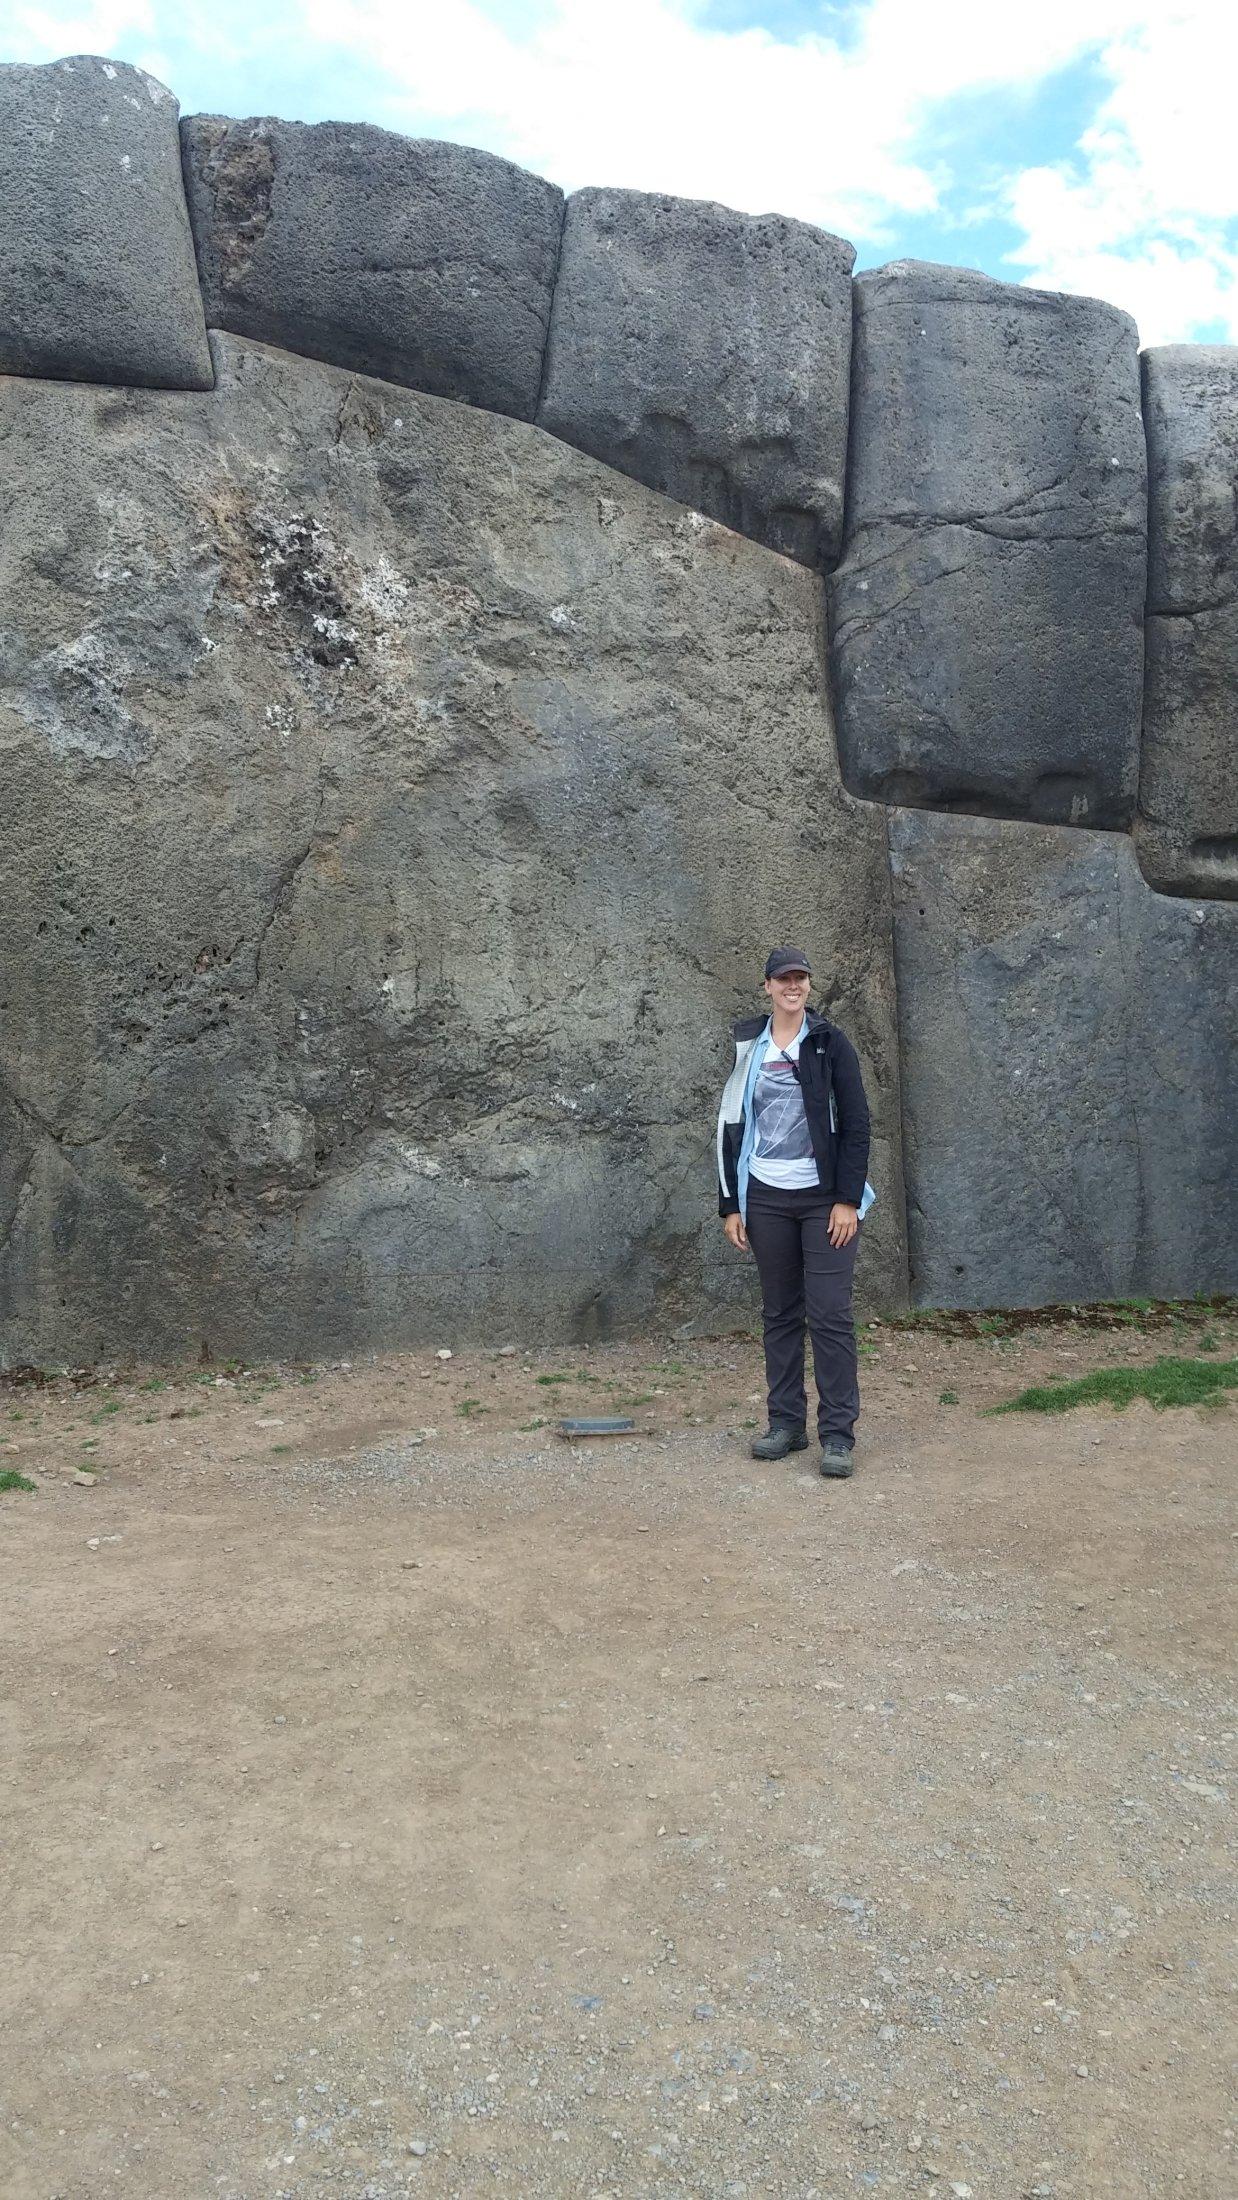 Giant Inca stone